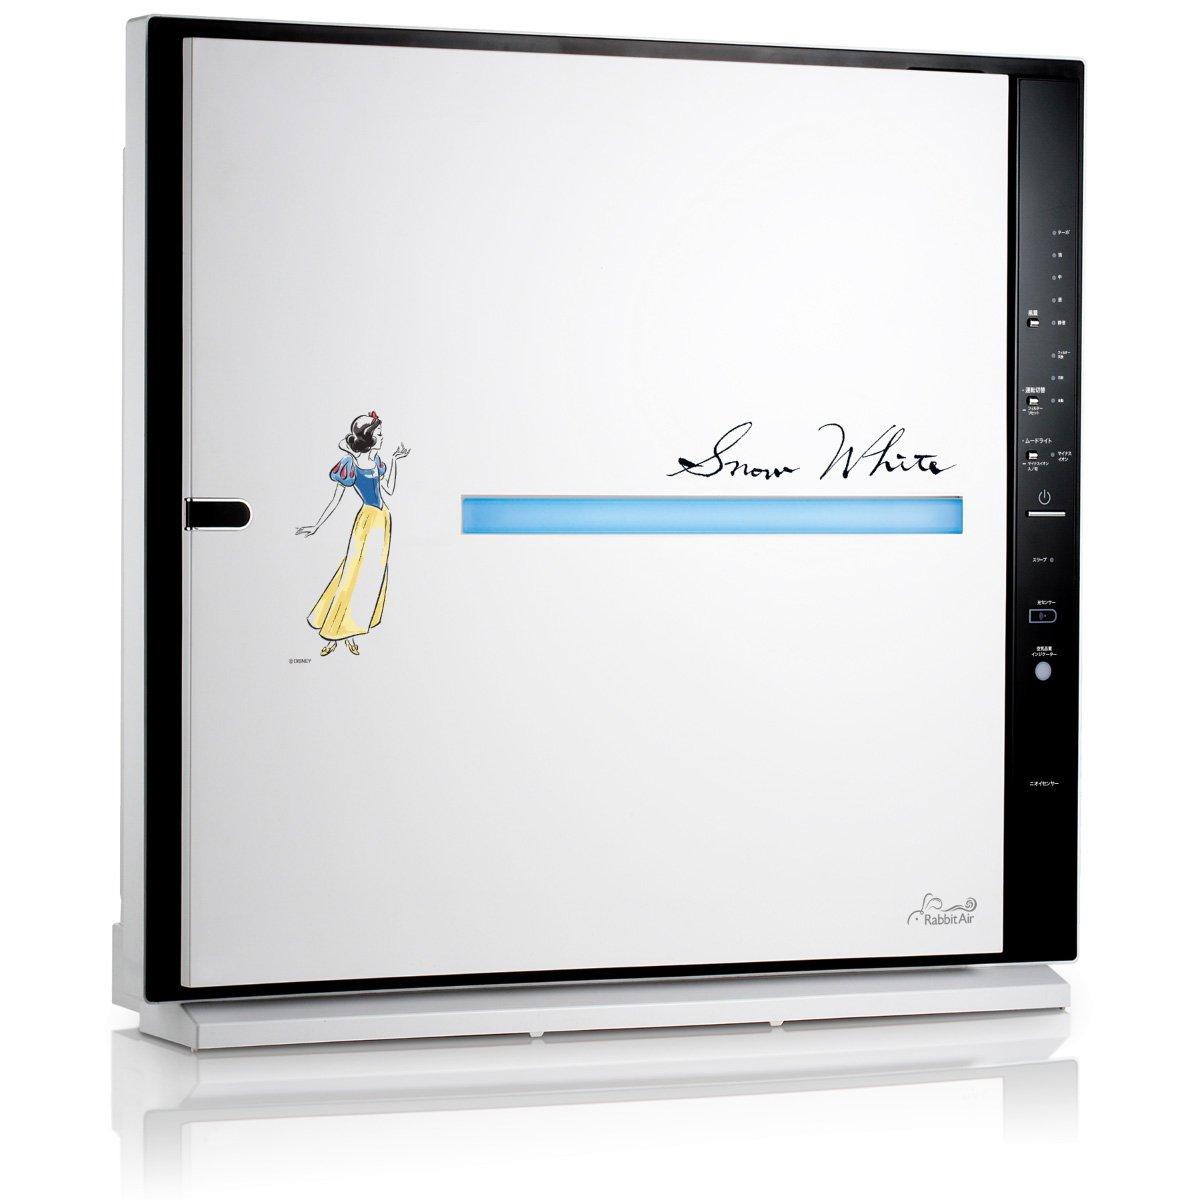 多様な 空気清浄機 Rabbit MinusA2 Air MinusA2 ディズニー Special Edition (45畳), (白雪姫) (SPA-780J ホワイト ホワイト (45畳), 毒素) B06XX3123D 消臭 SPA-780J ホワイト (45畳) SPA-780J ホワイト (45畳)|消臭, 建材百貨店:ec1e20b3 --- svecha37.ru